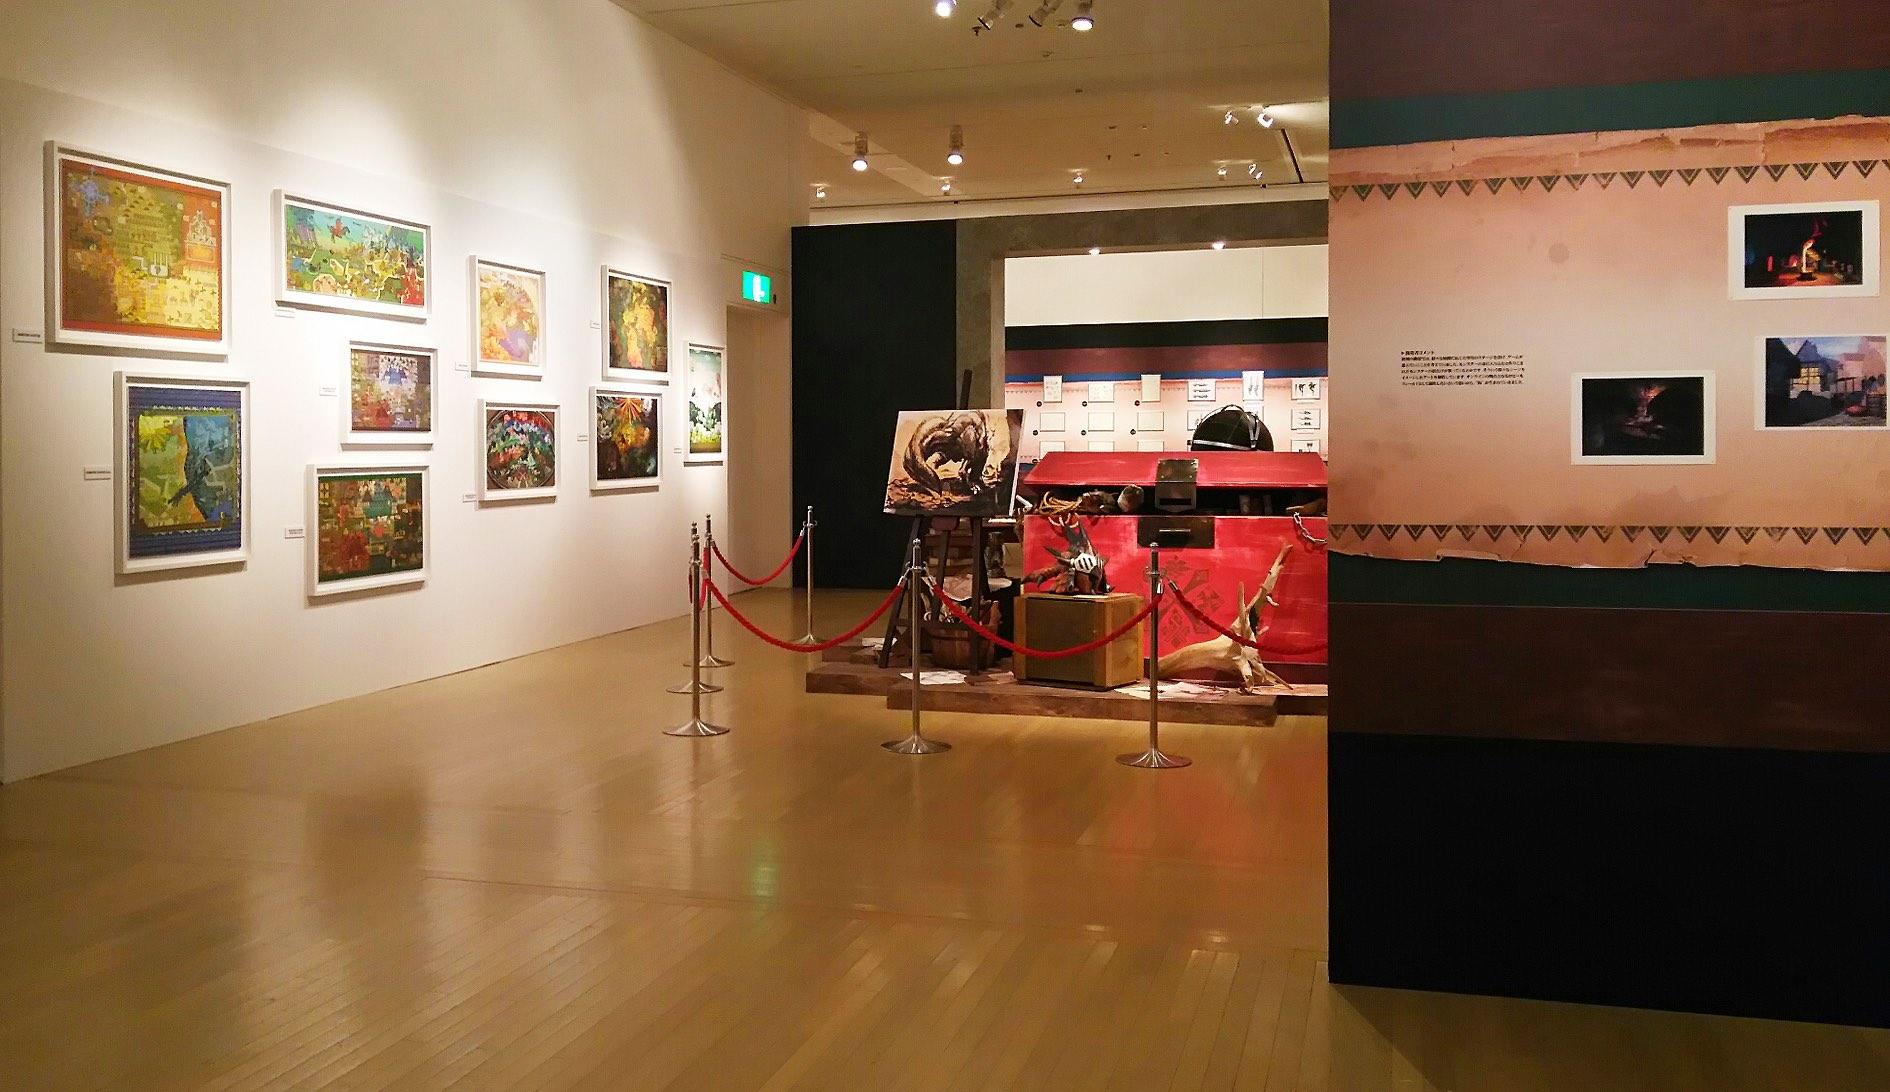 モンスターハンター ミュージアム in 大阪文化館・天保山